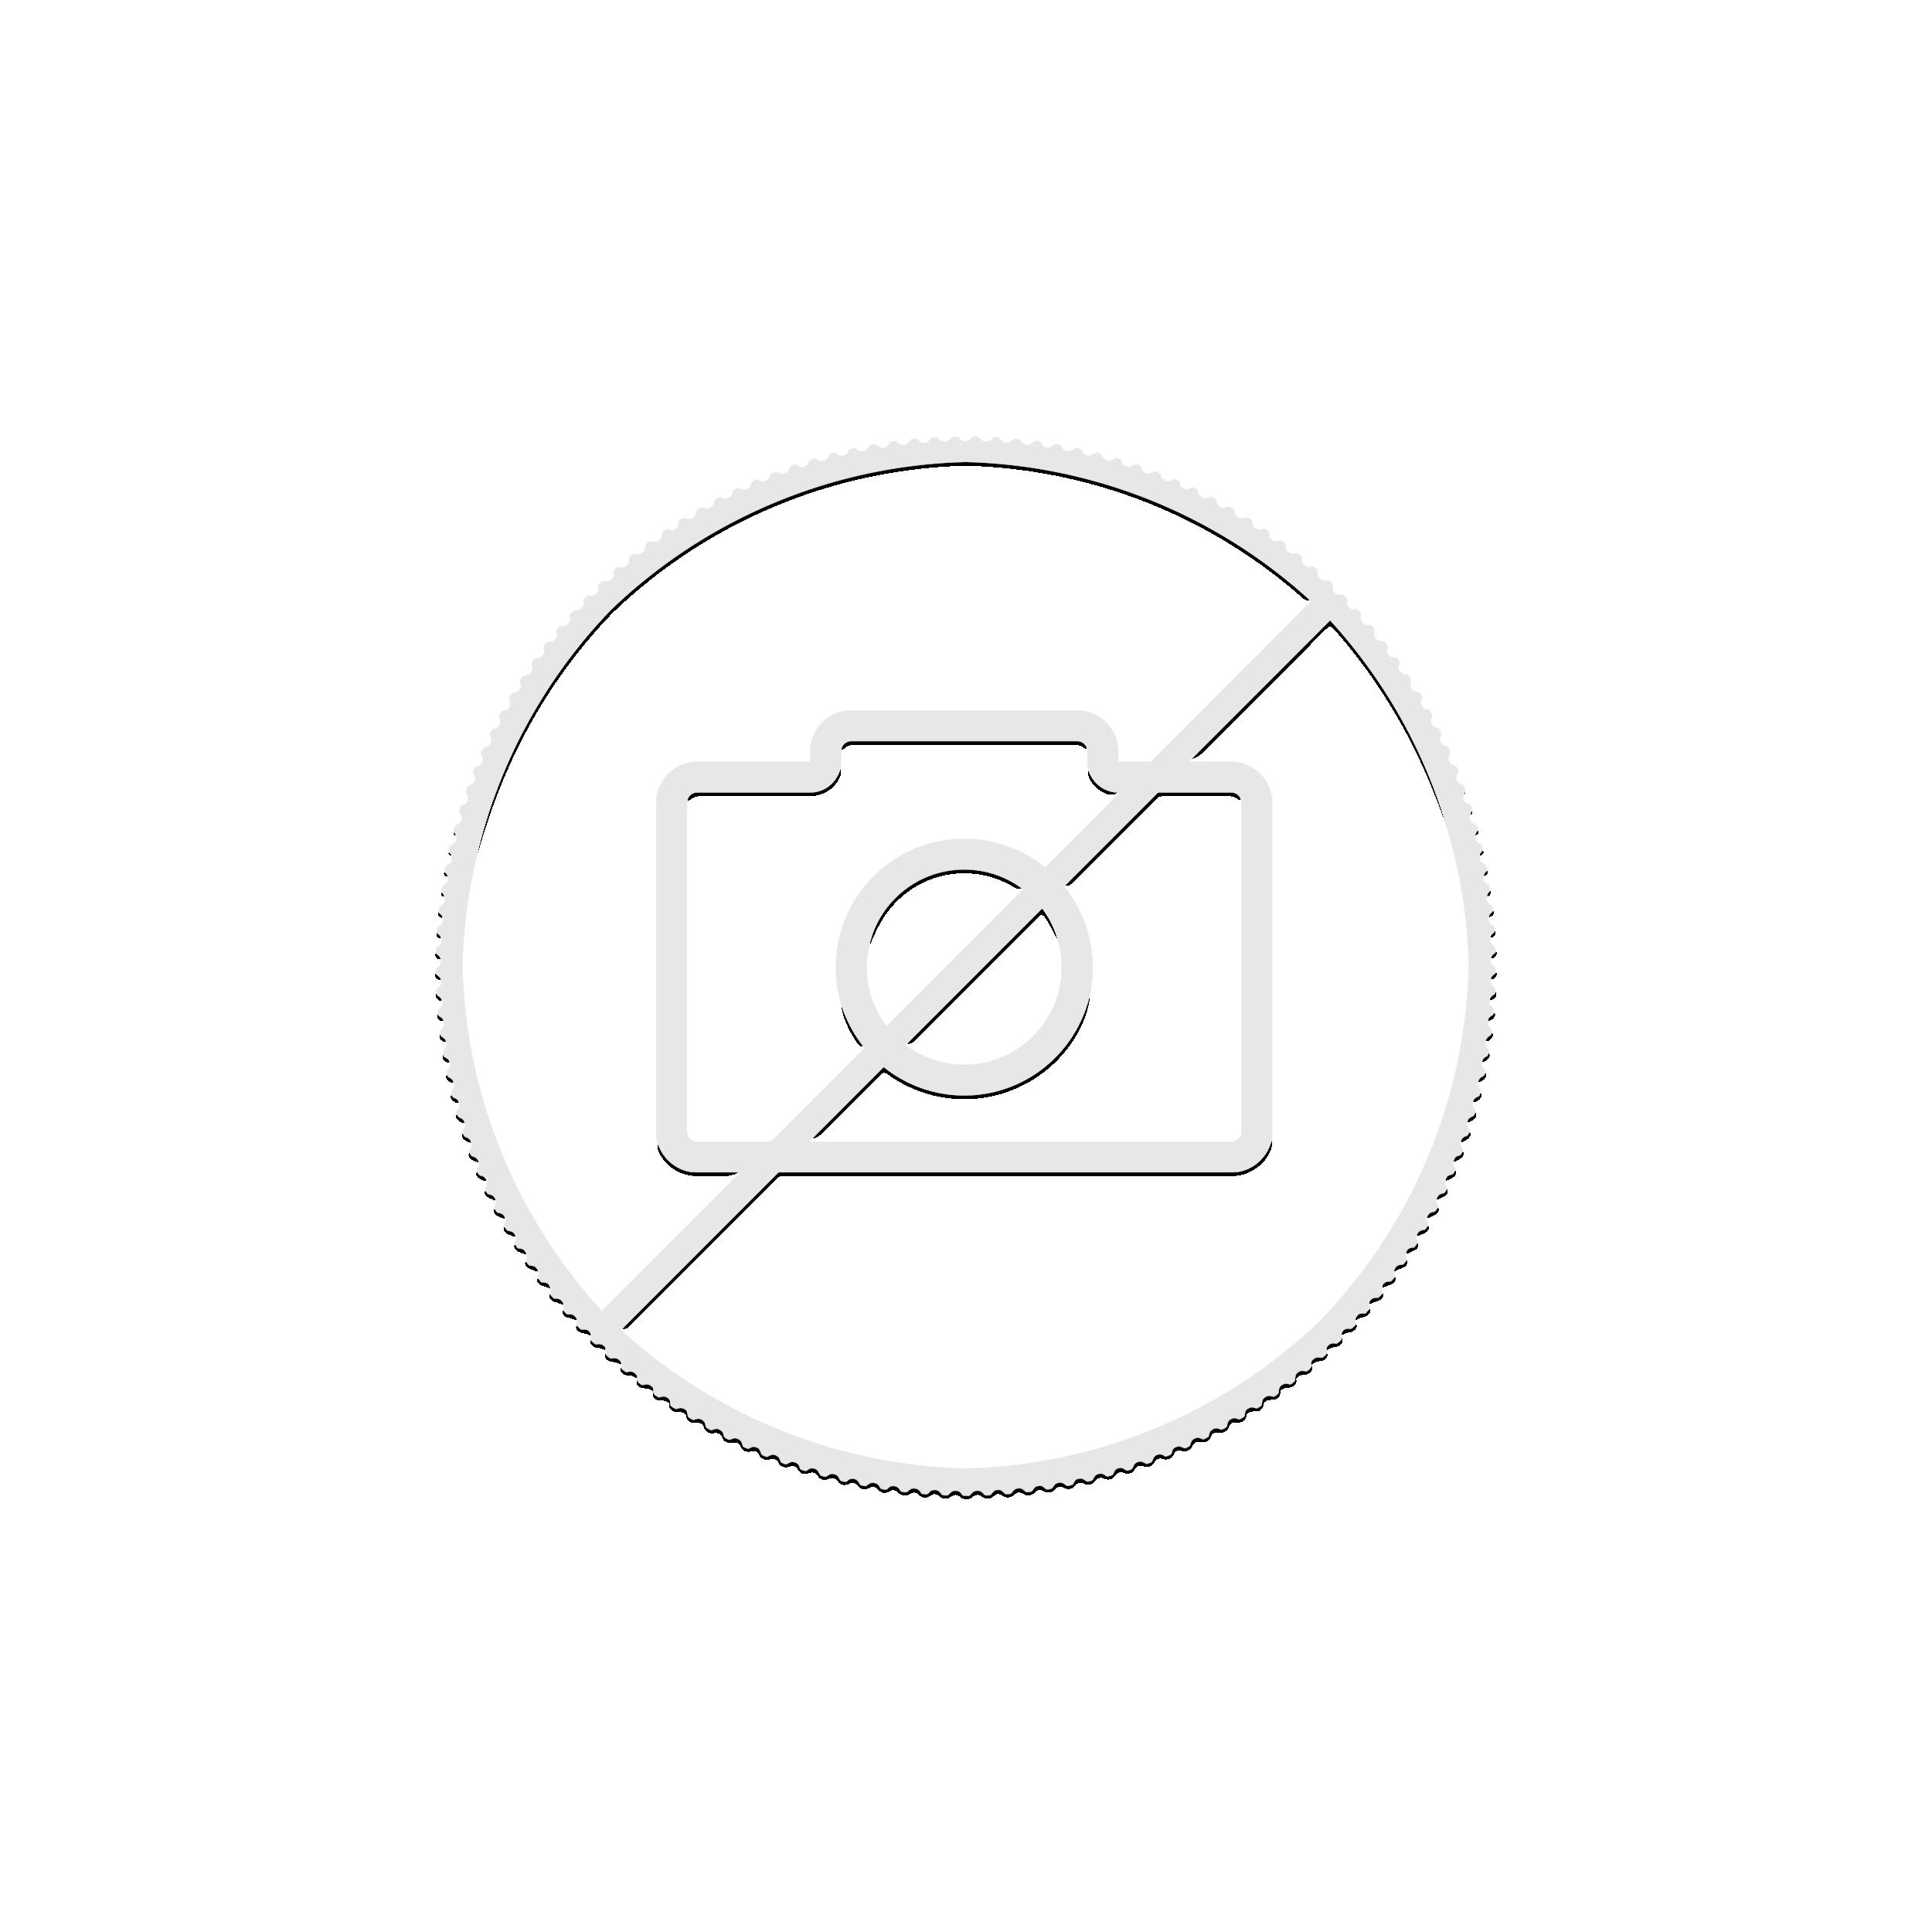 1 Troy ounce silver coin Panda